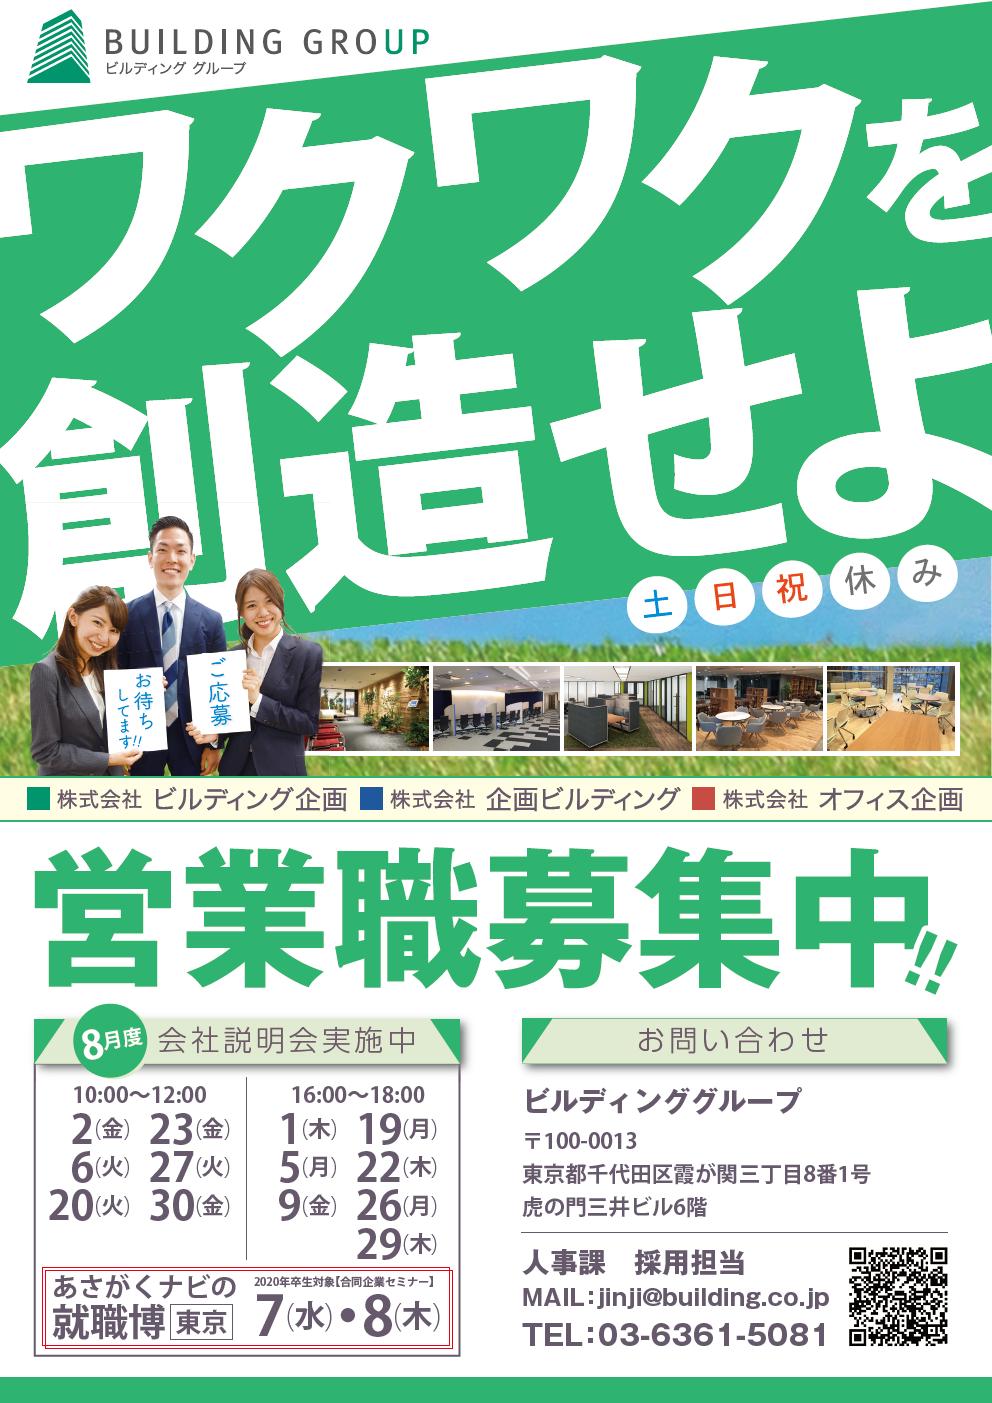 2019年8月開催の会社説明会お知らせ